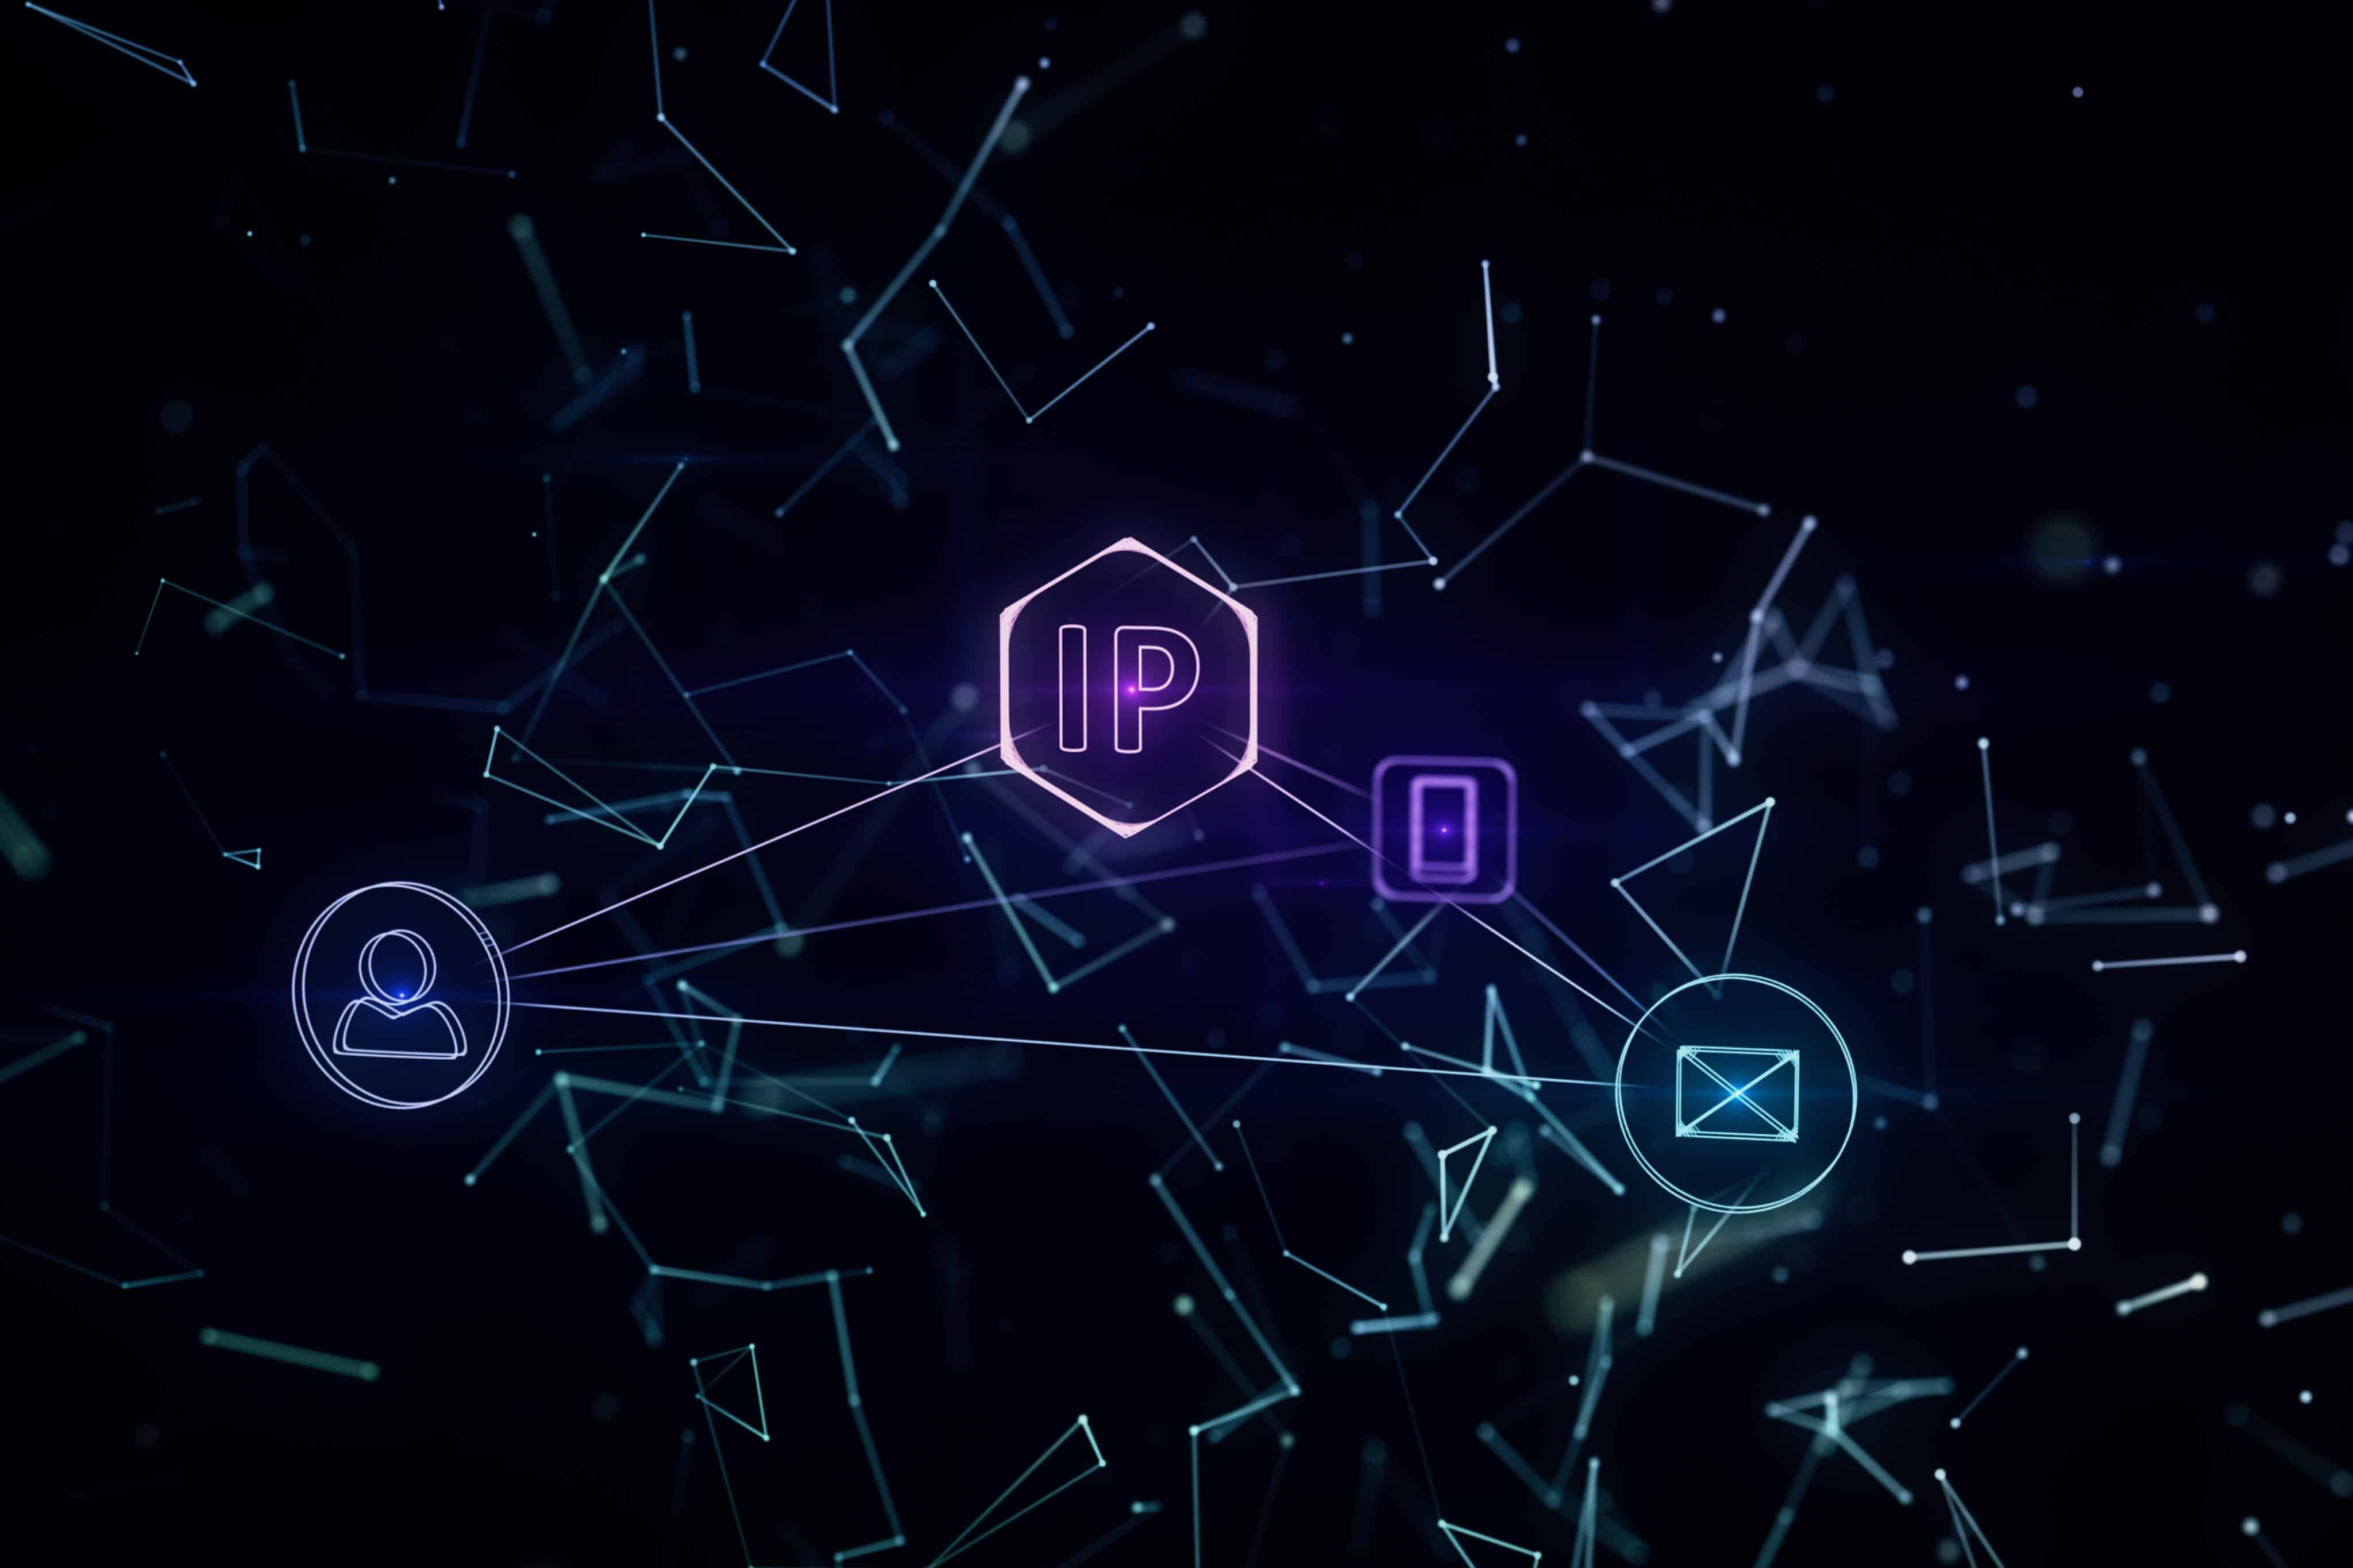 Ilustração sobre endereço IP